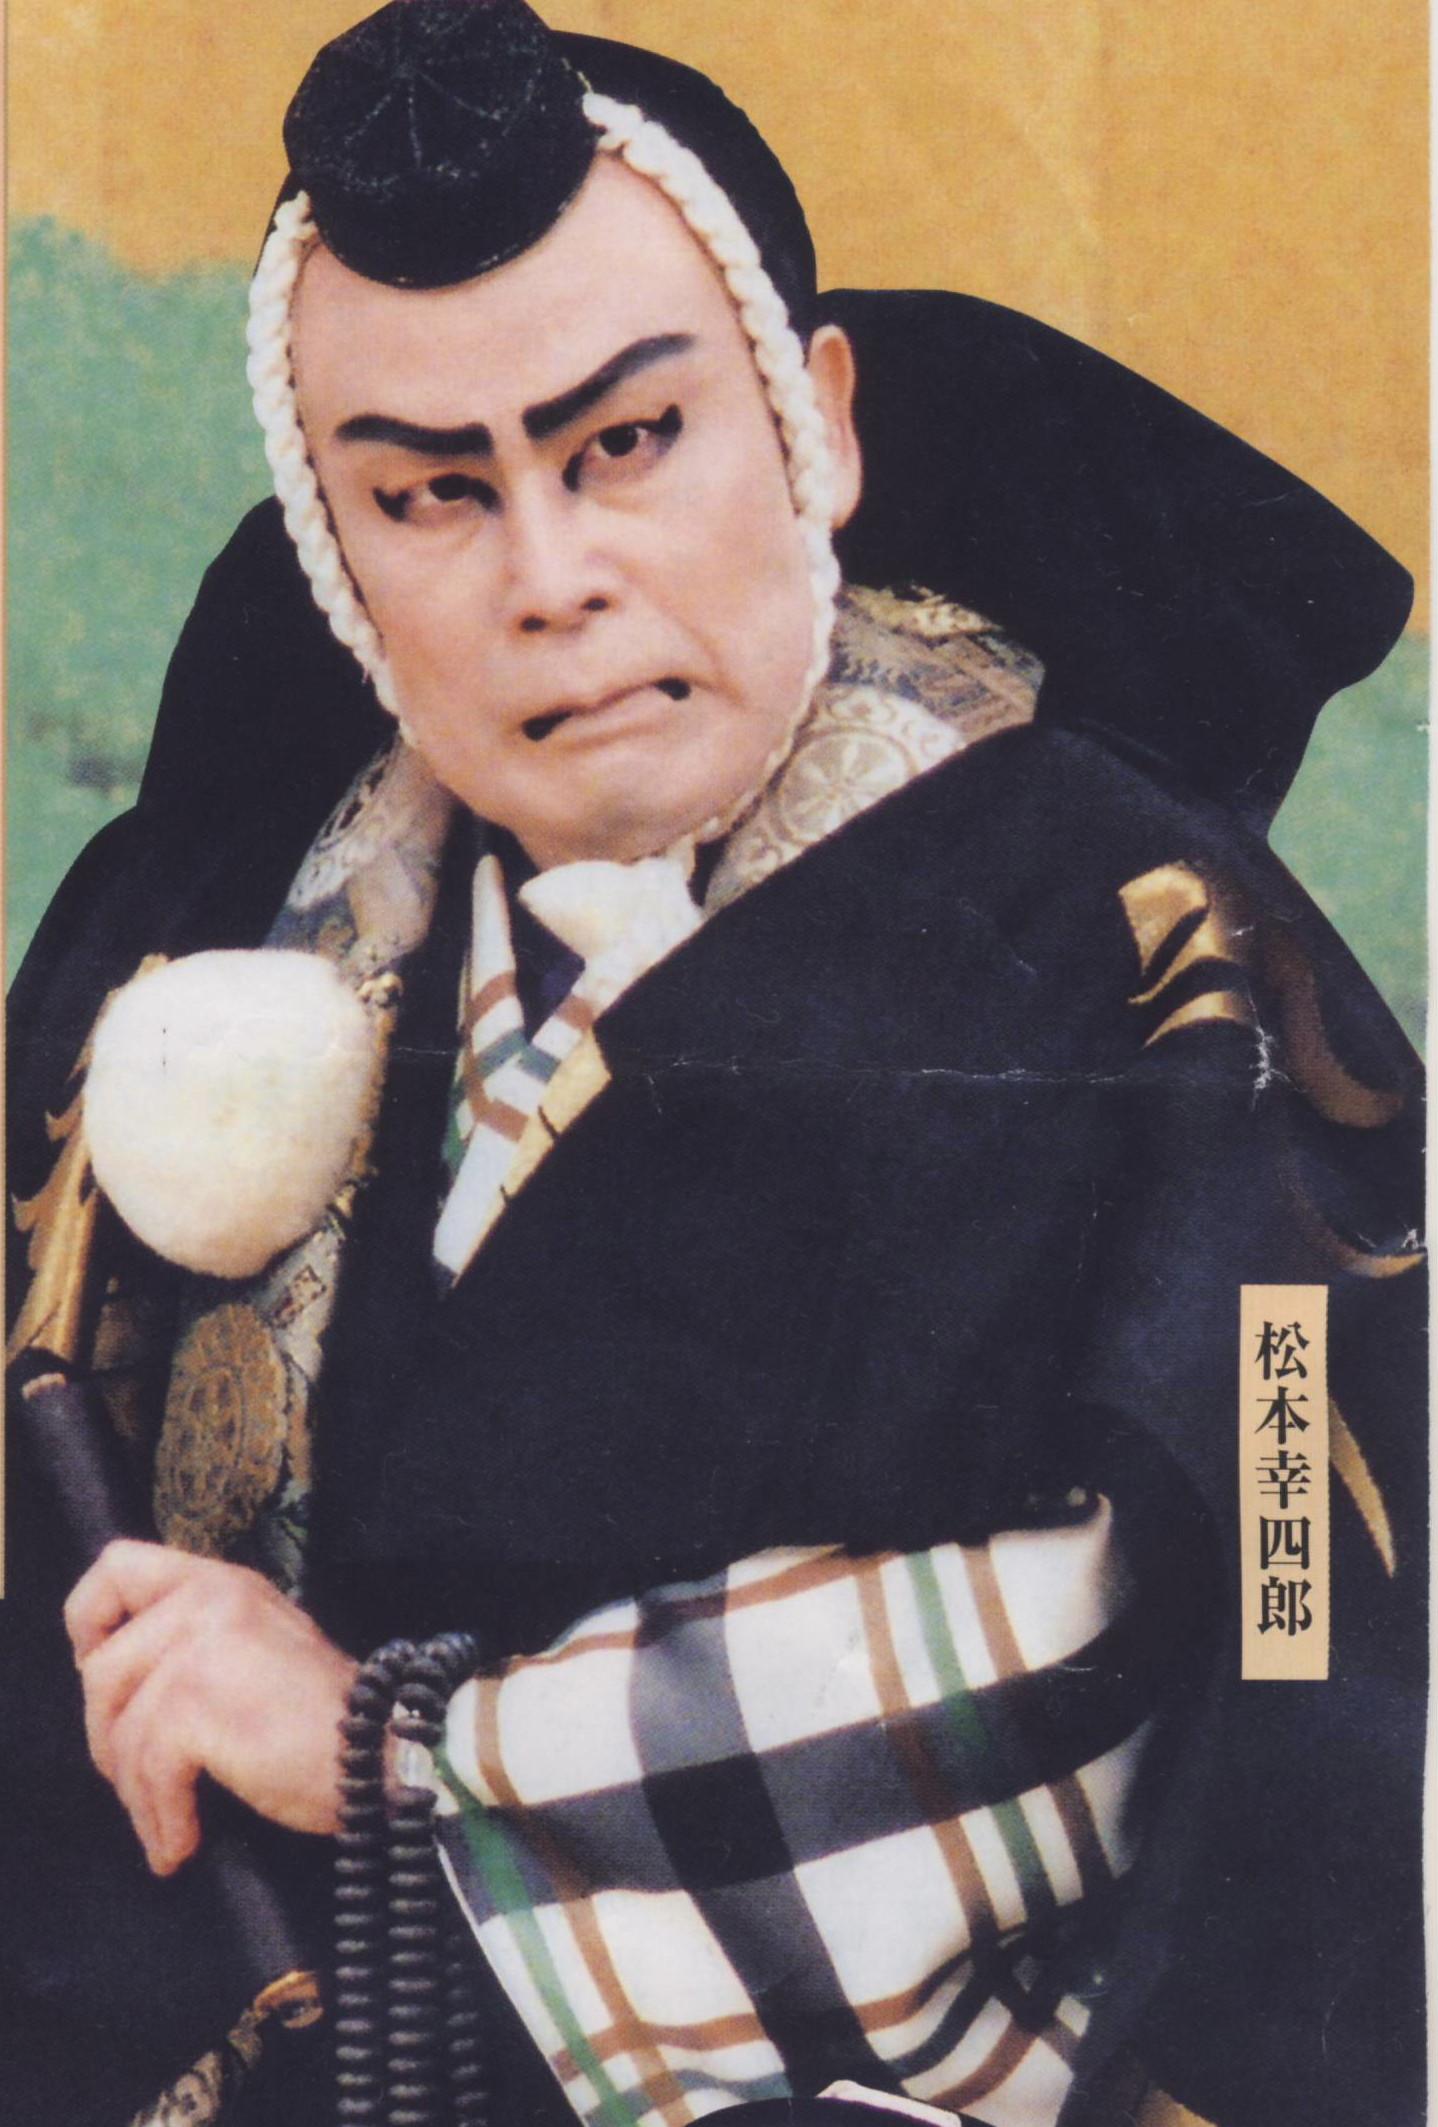 演目中の松本幸四郎